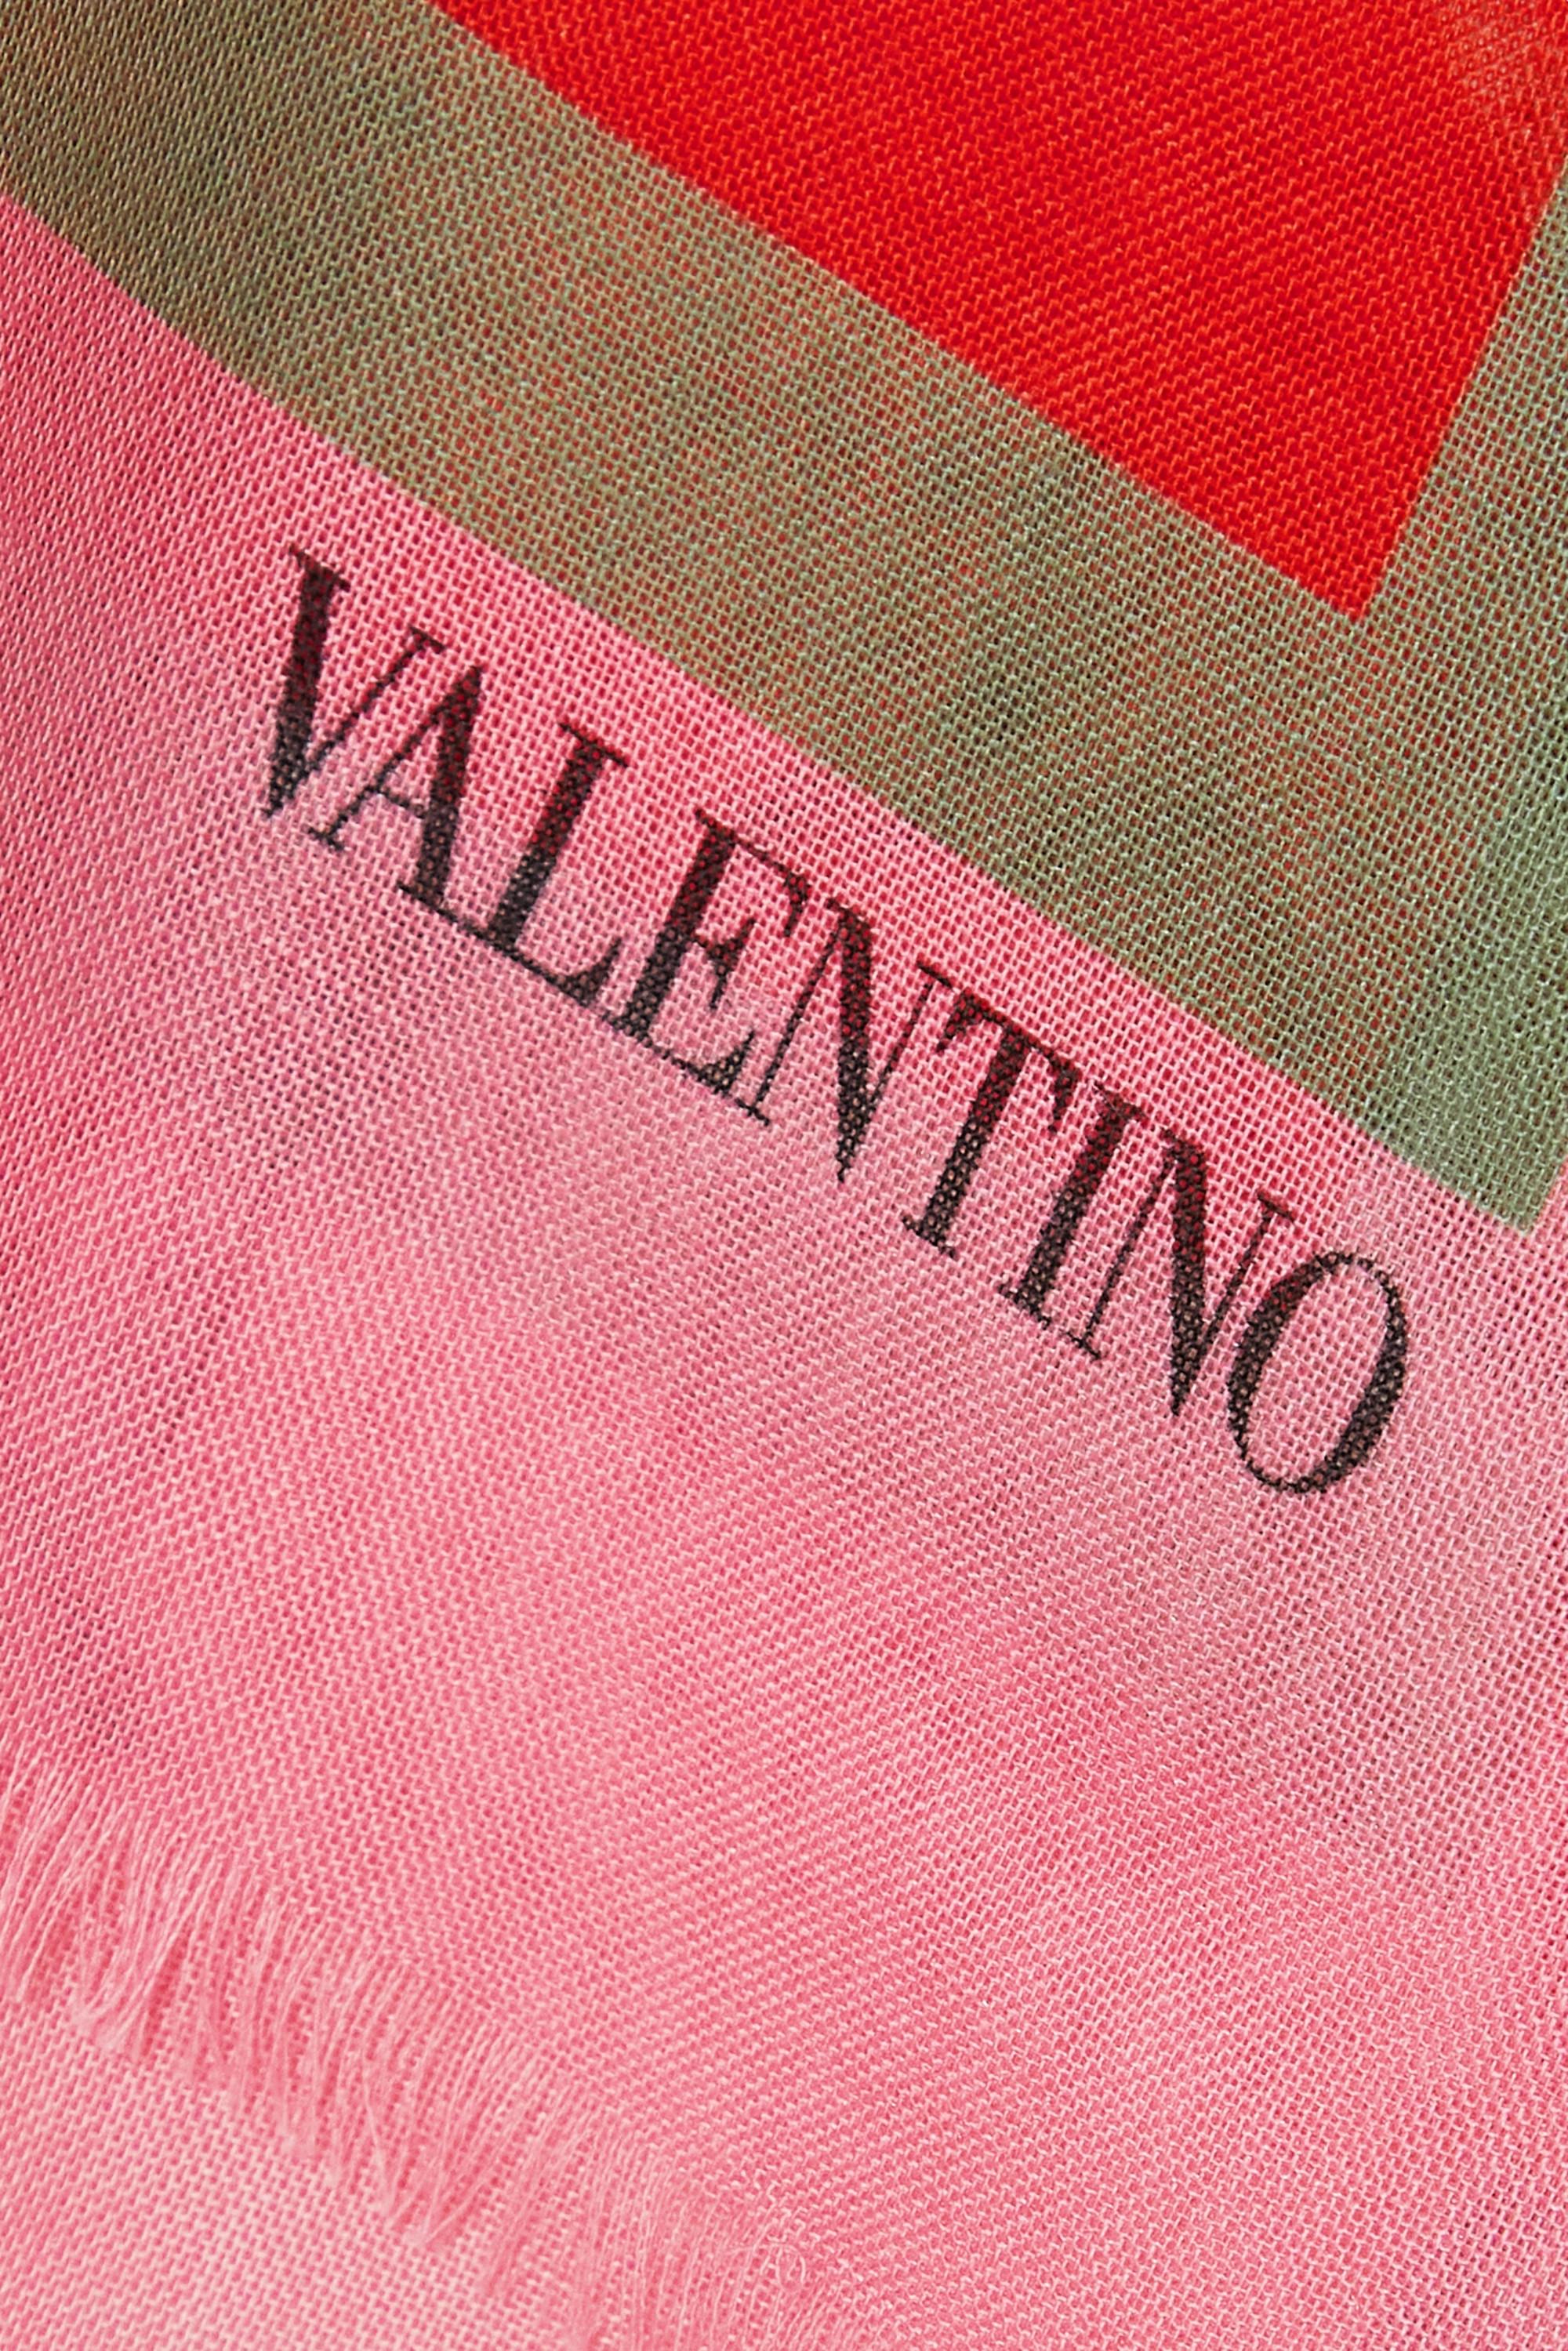 Valentino Tuch aus einer Kaschmir-Seidenmischung mit Blumenprint